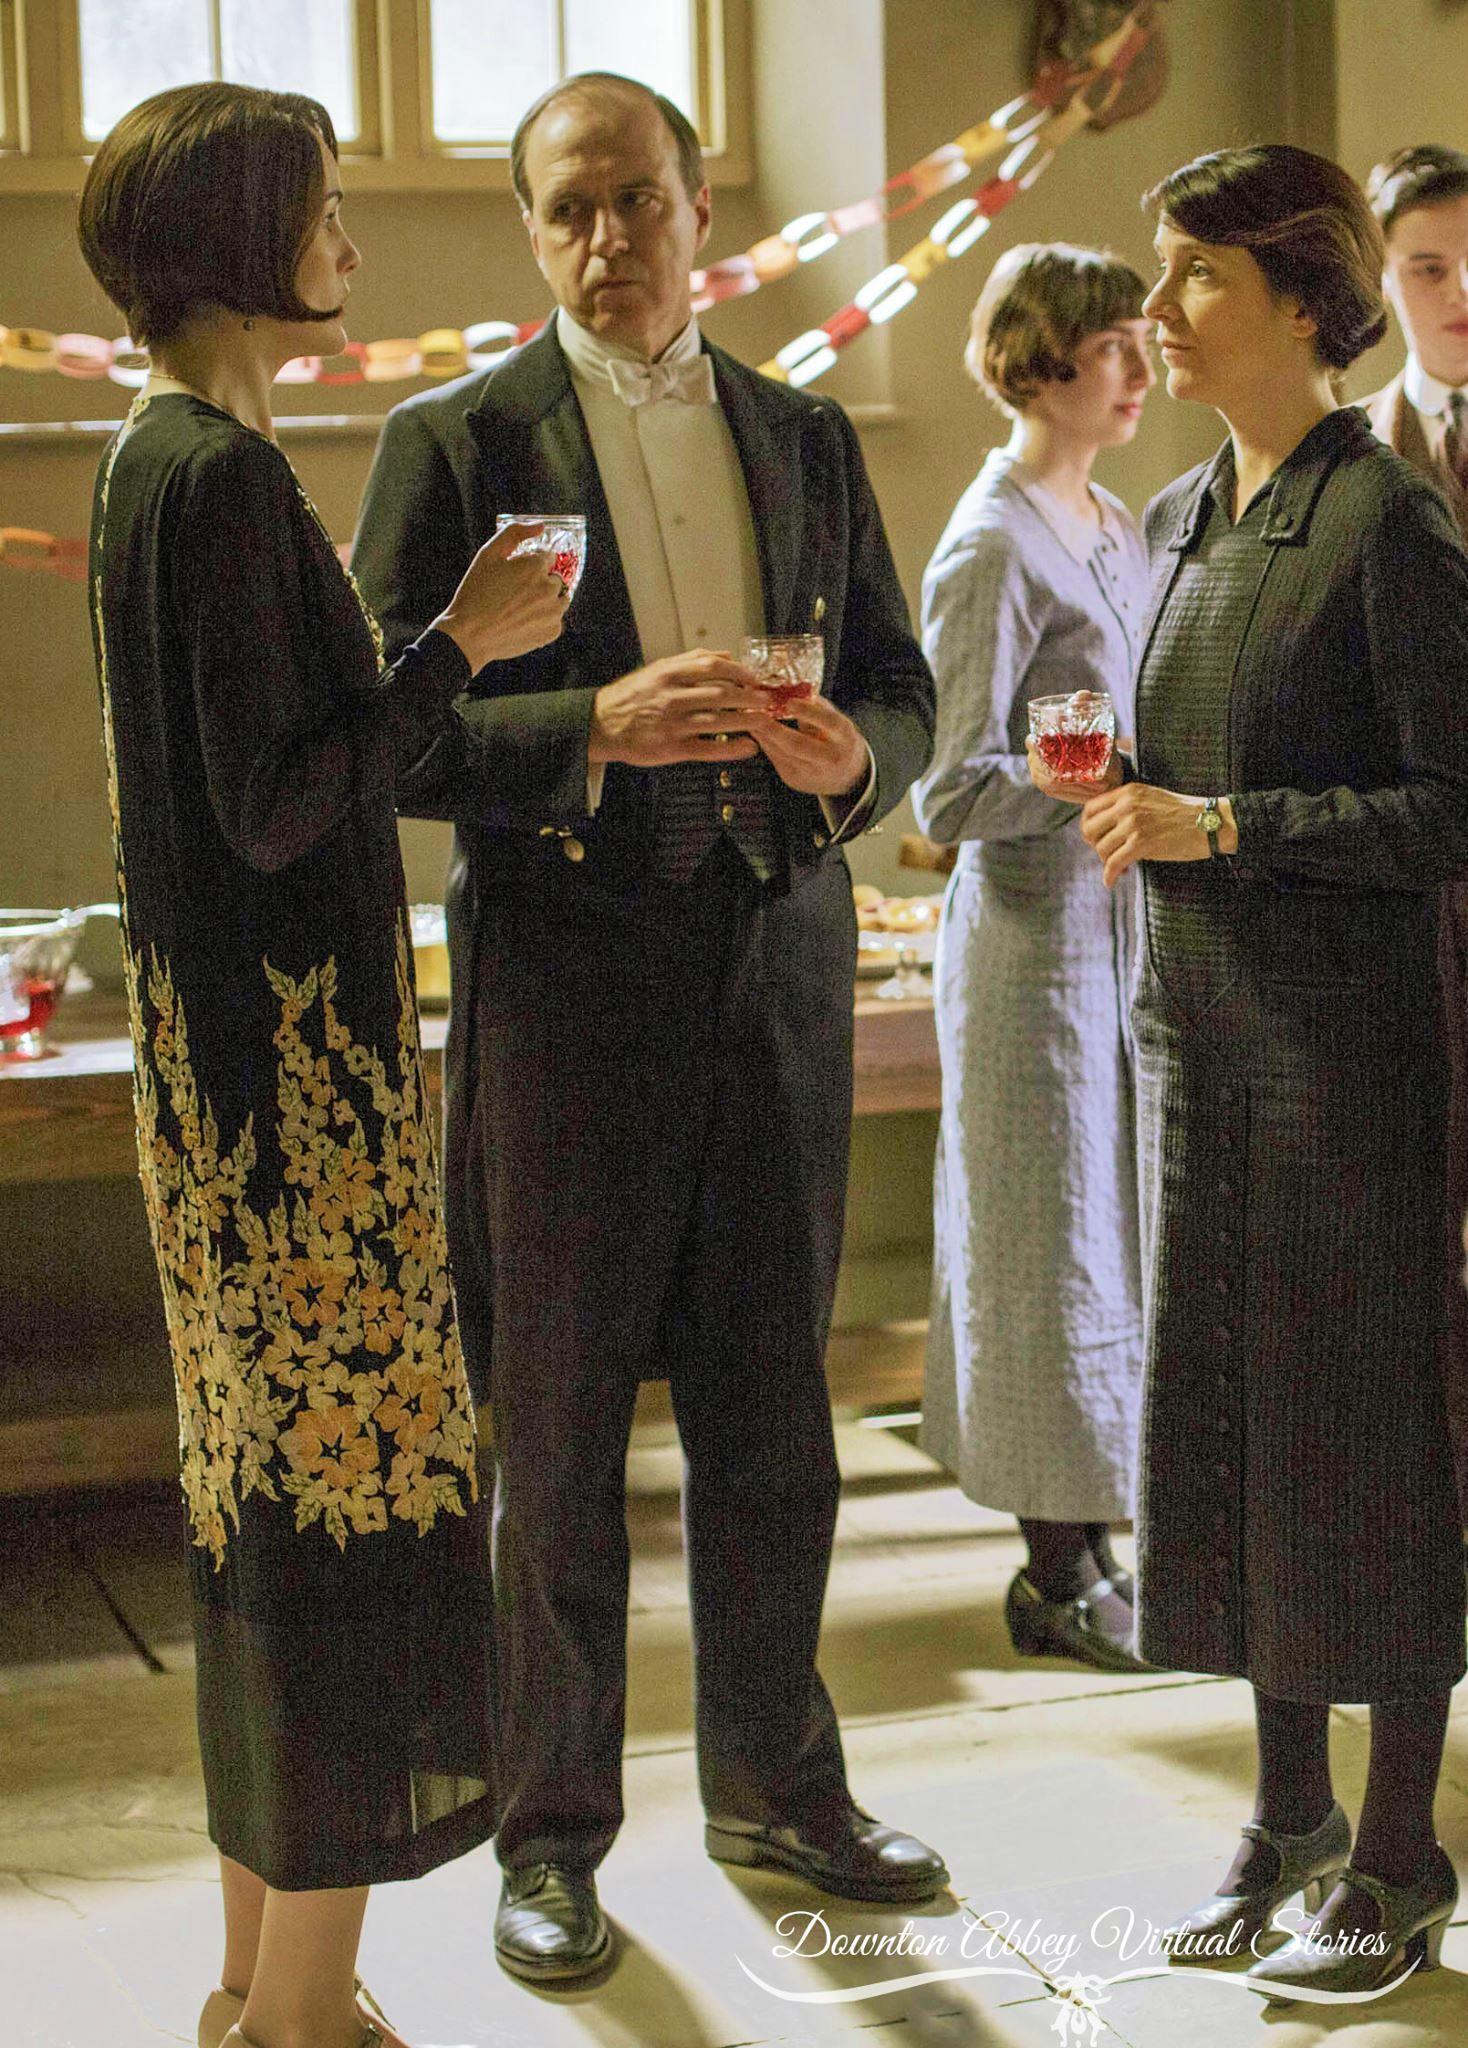 Downton Abbey Season 6 | All things DOWNTON ABBEY | Pinterest | 20er ...